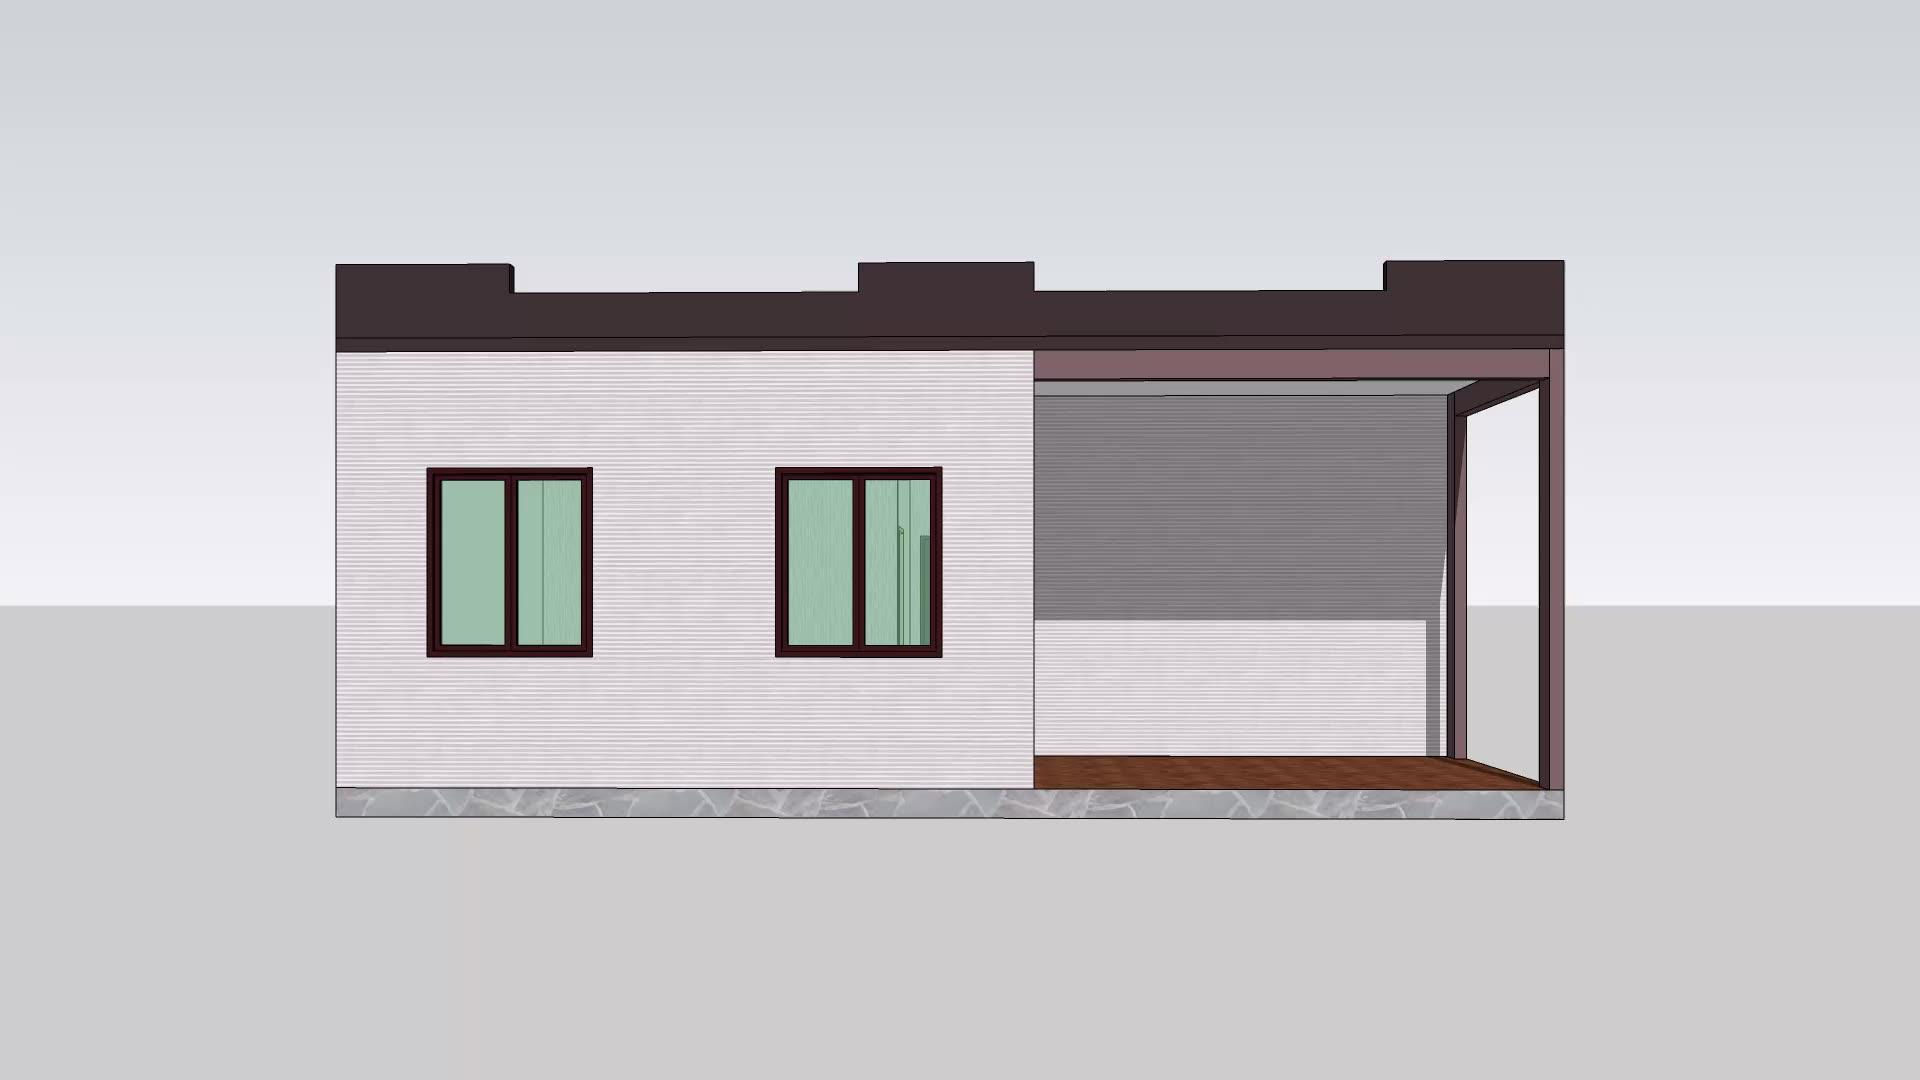 2020 חדש עיצוב זול טרומי בתים עם אמבטיה עבור אלג 'יריה ודרום אפריקה שווקים